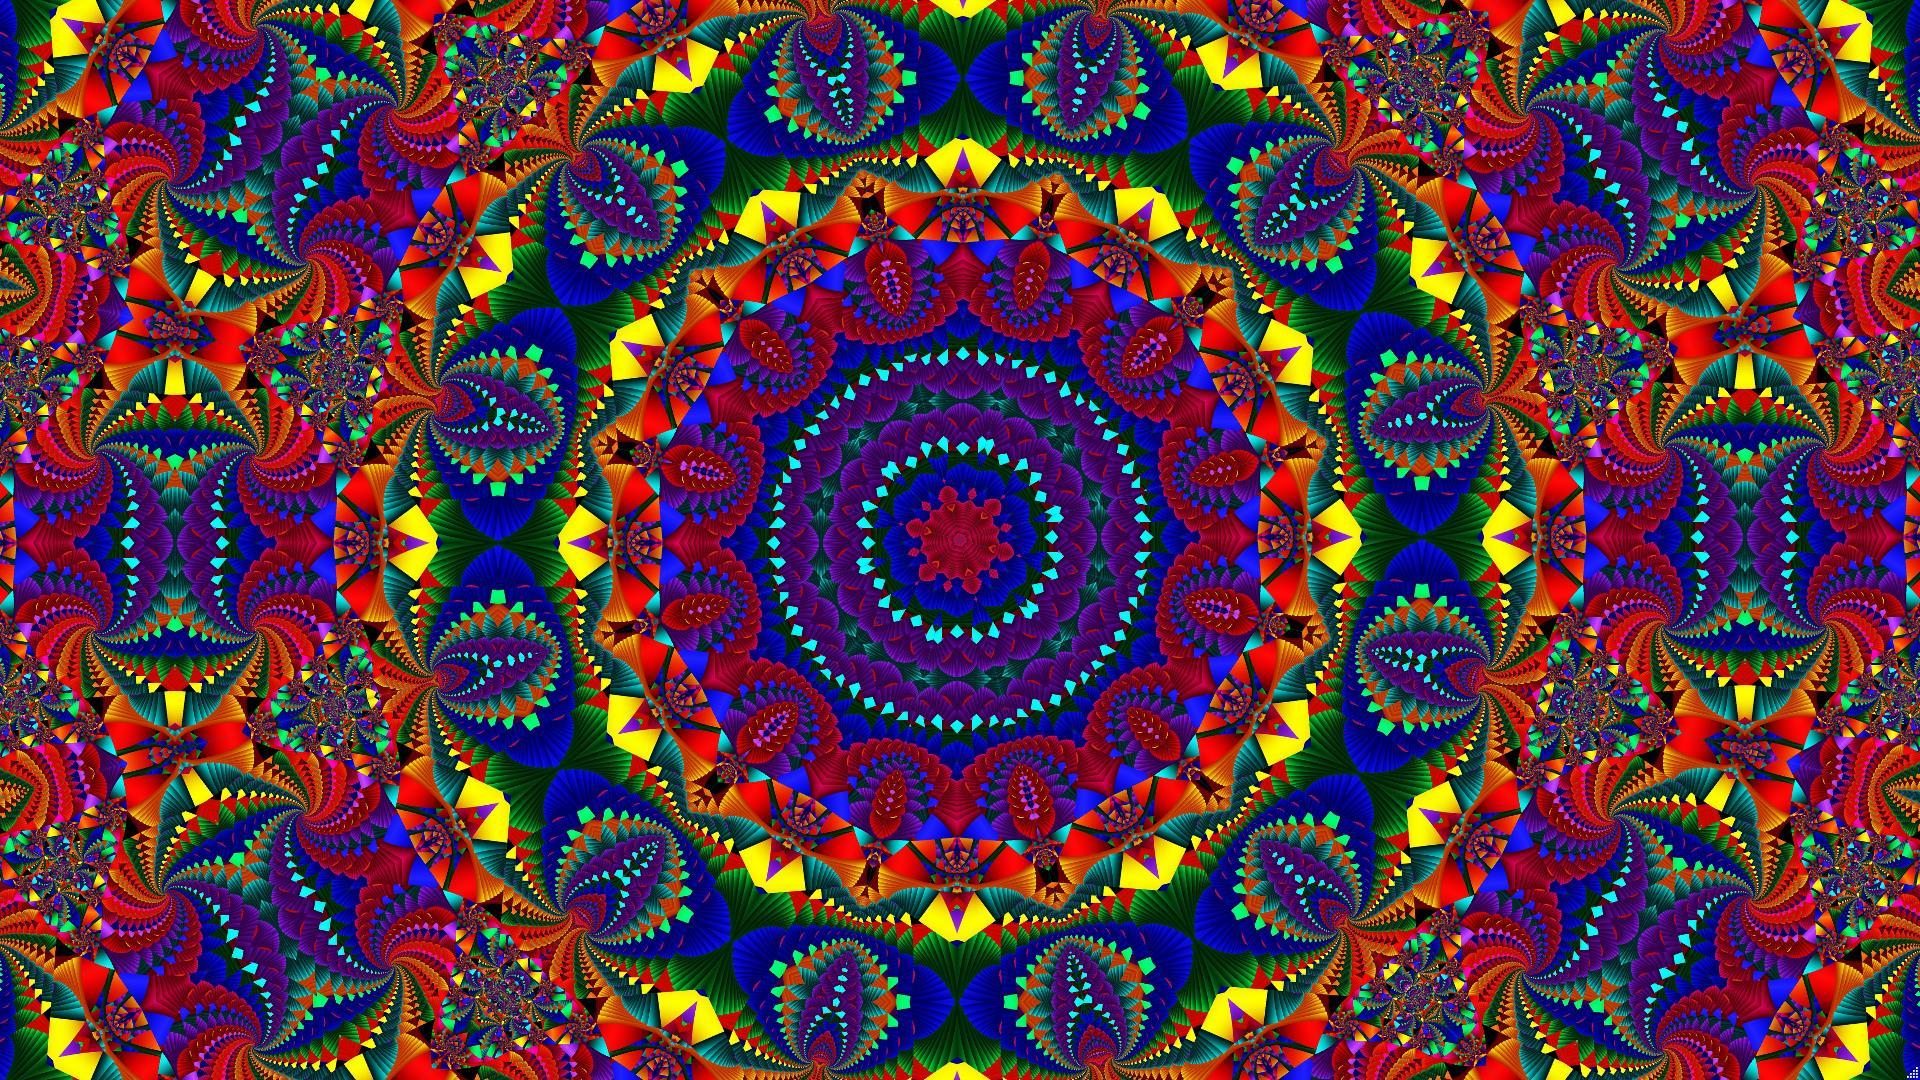 Петух / павлин с симметричной схемой